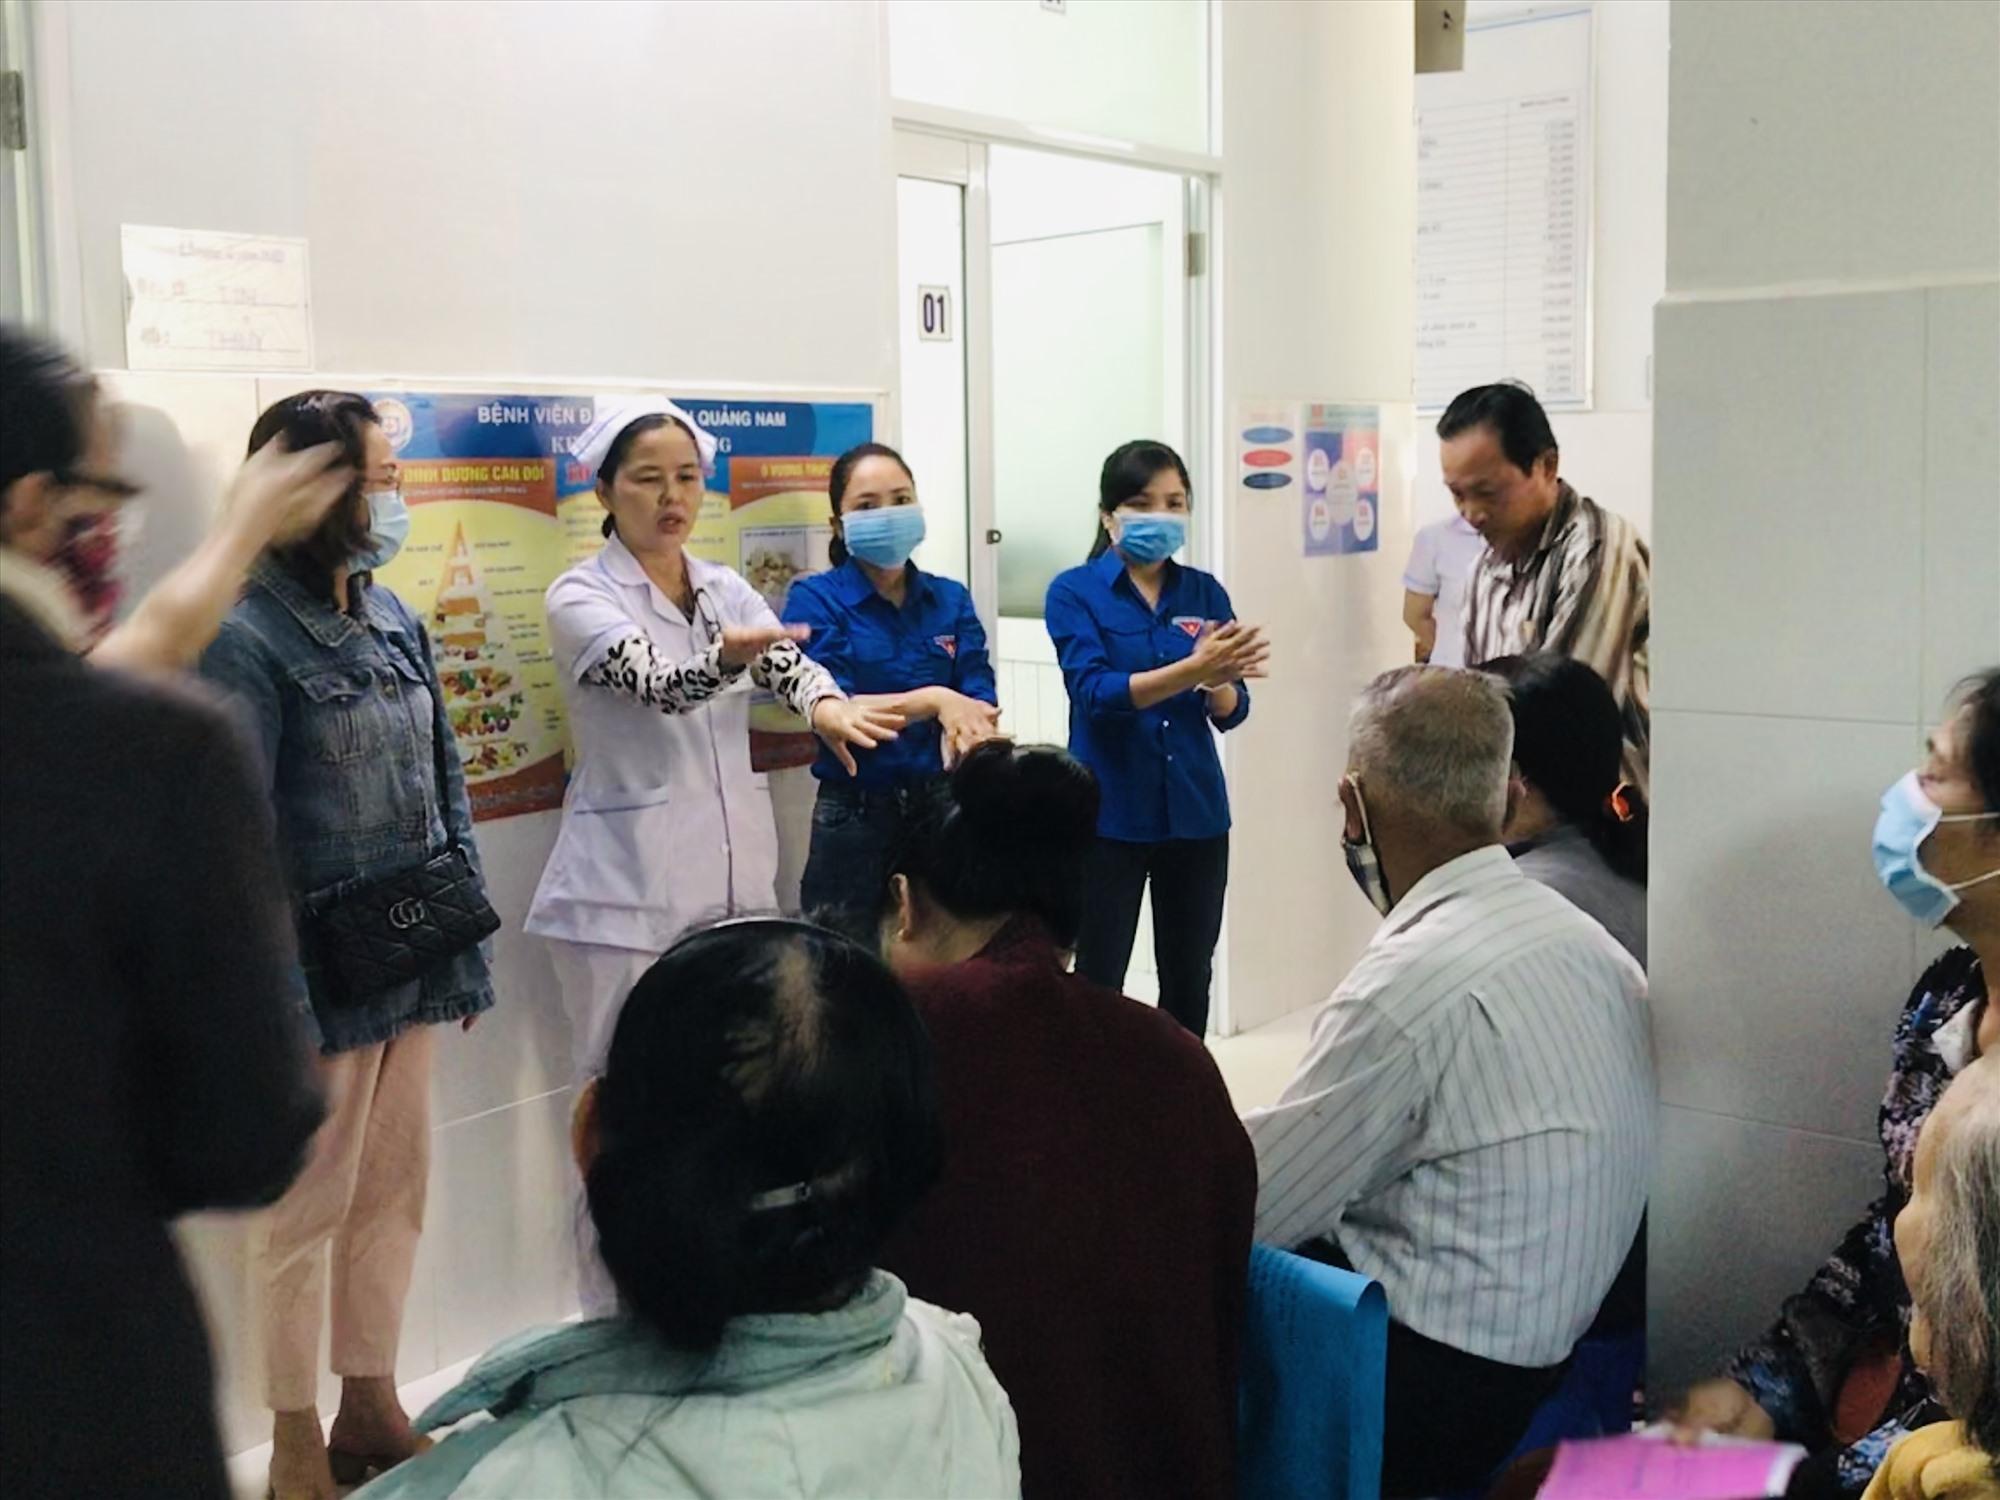 BVĐK Quảng Nam hướng dẫn cho bệnh nhân và người nhà bệnh nhân rửa tay đúng cách. Ảnh: C.N